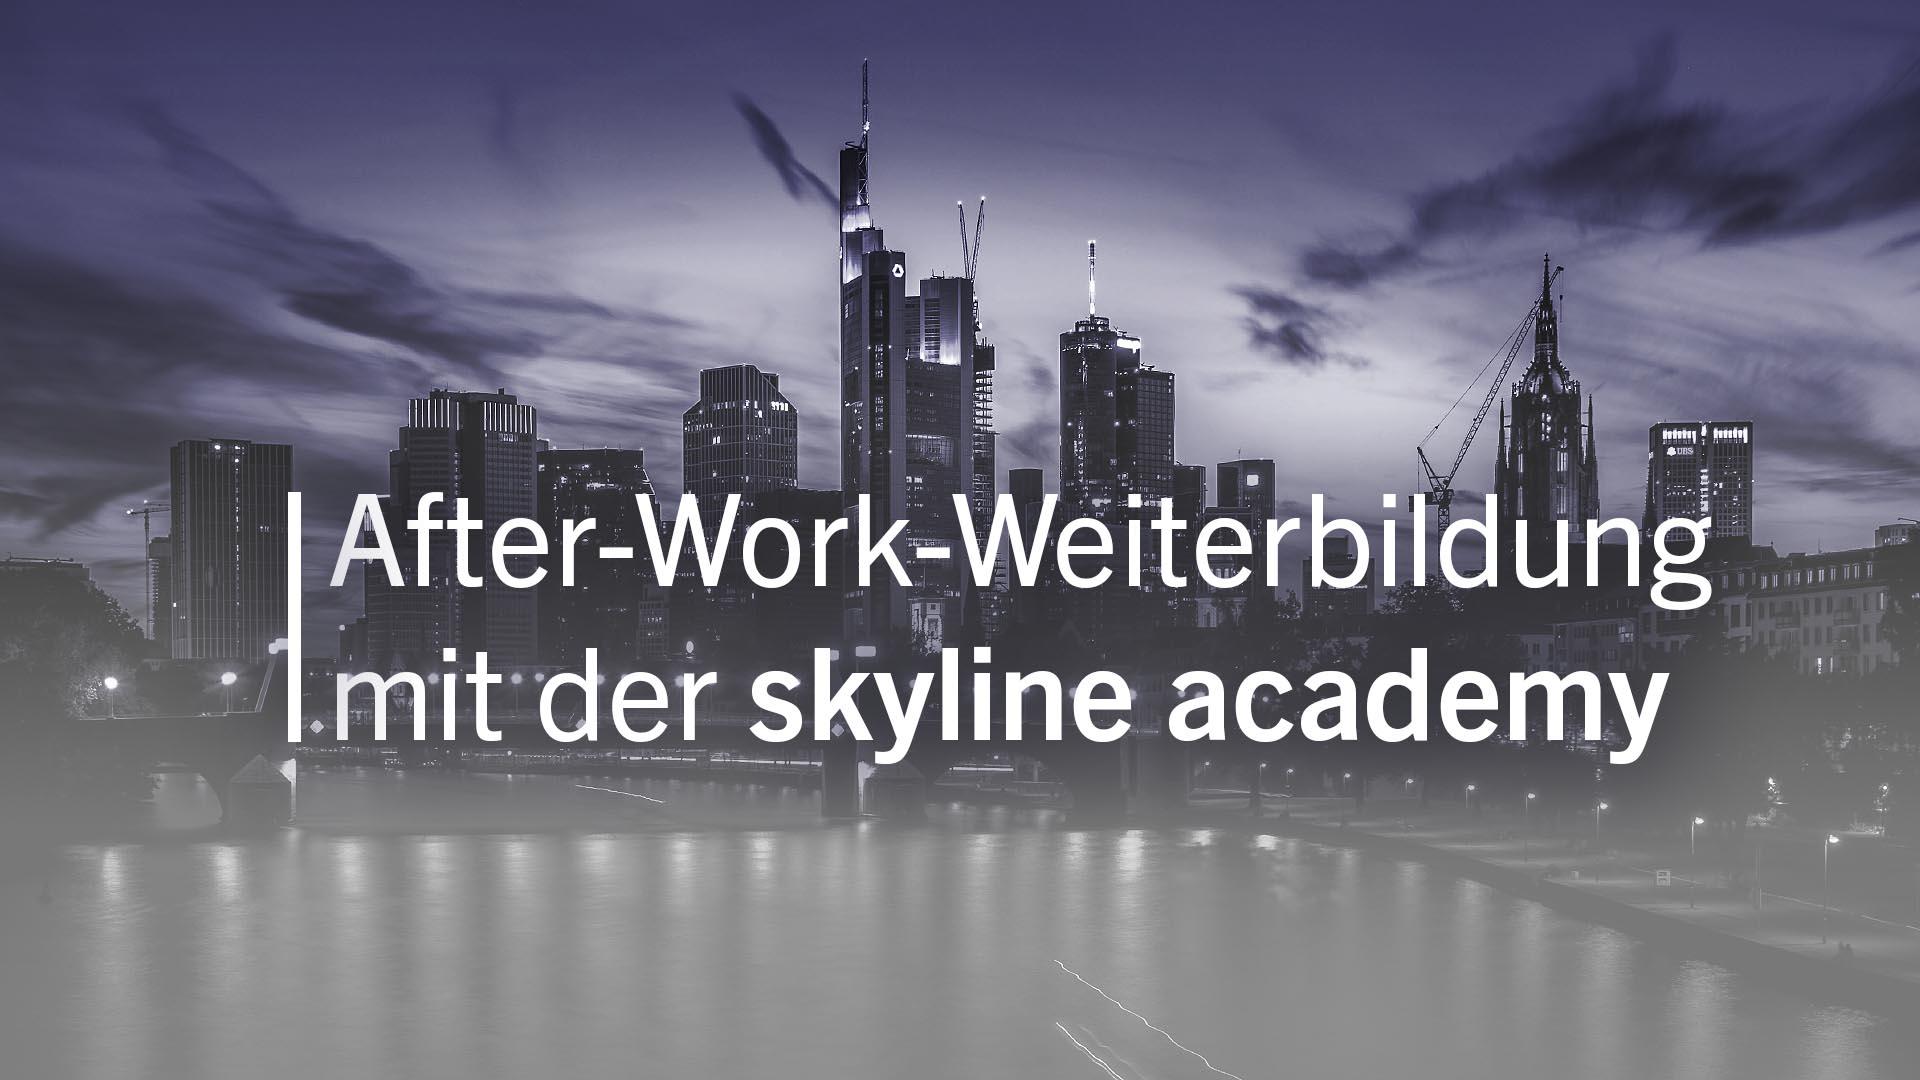 Afterwork-Weiterbildung mit der skyline academy in Frankfurt am Main.